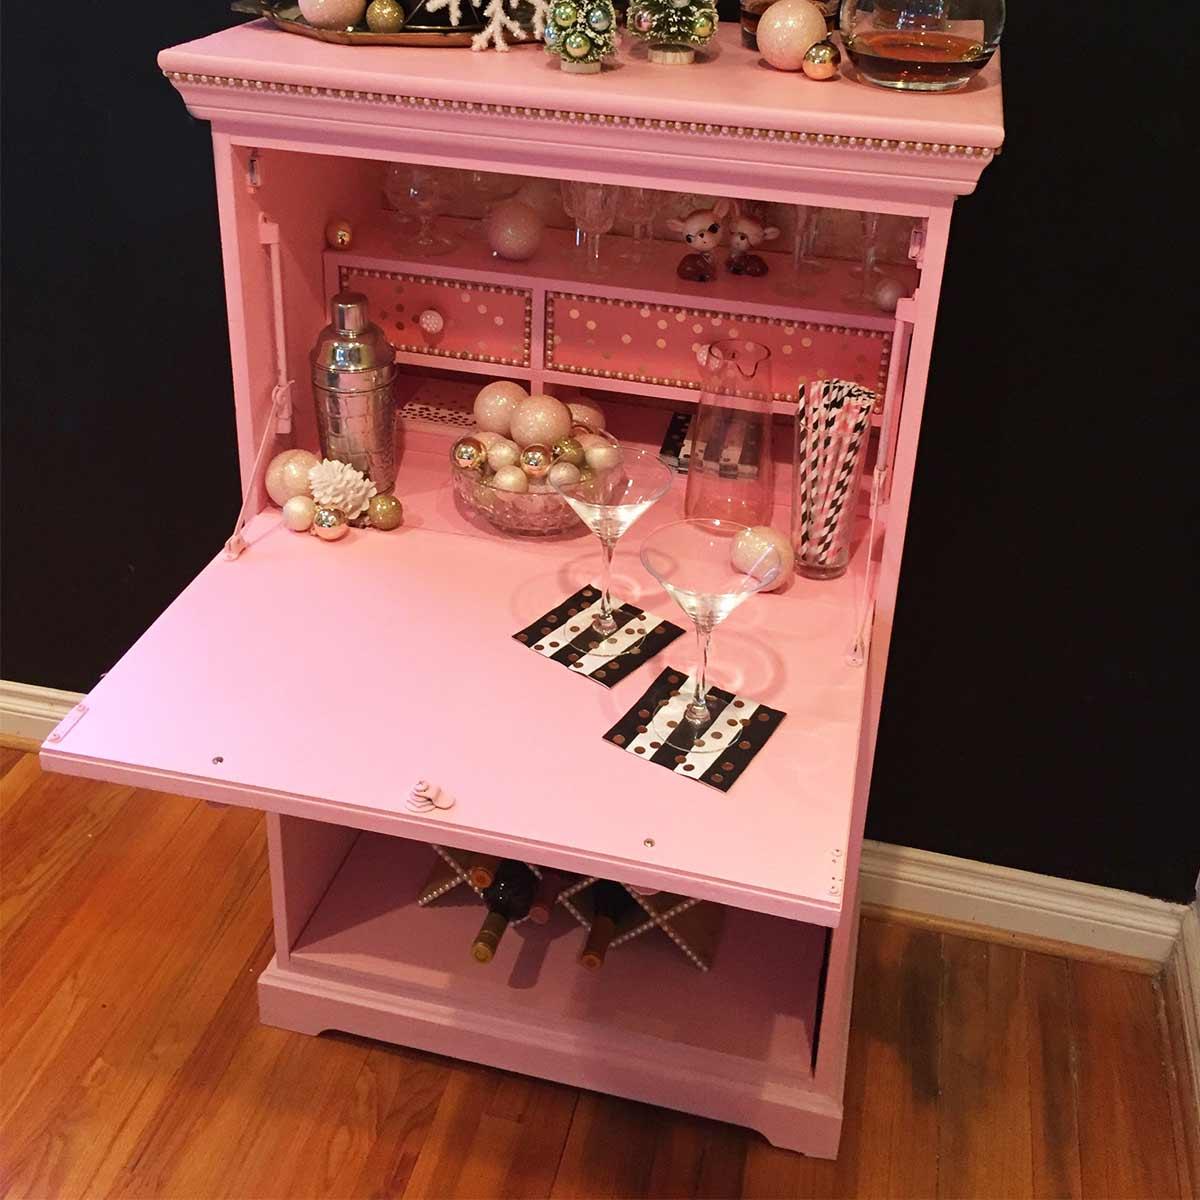 Upcycled Pink Martini Bar